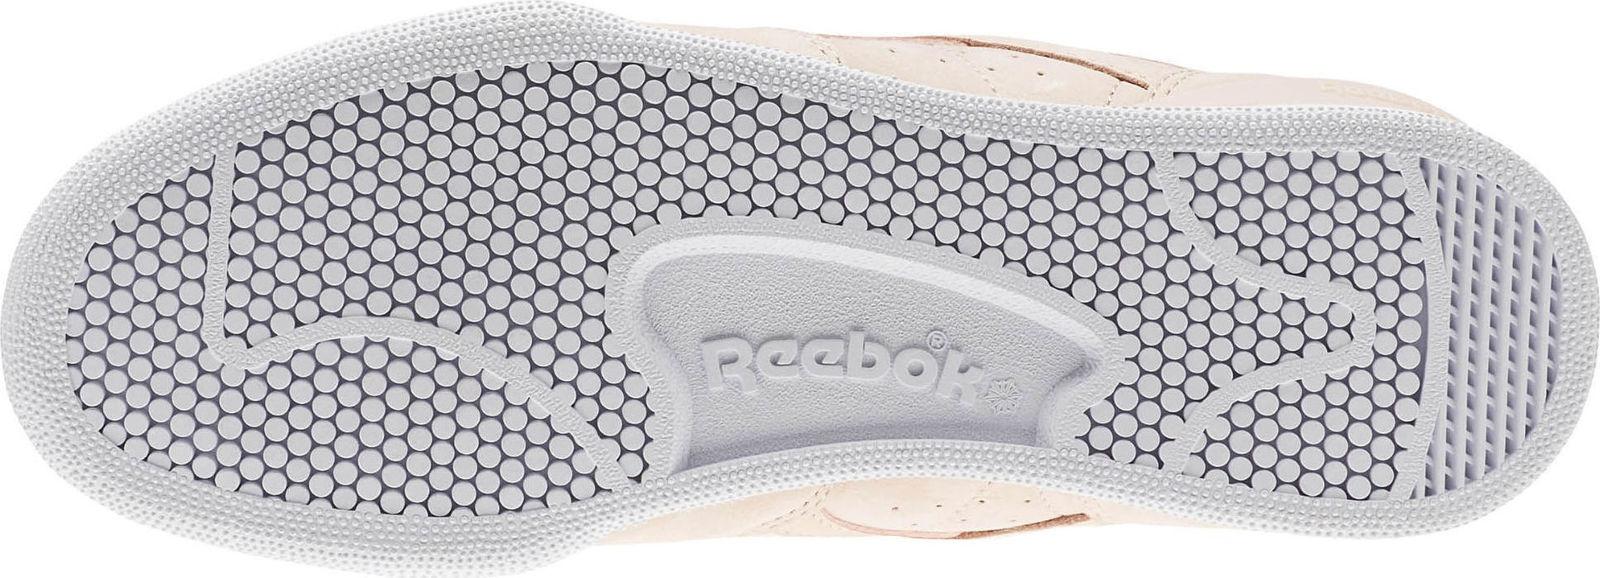 3cde54d62e7 Reebok sneakers Phase I Pro Nude NB dames lichtroze - Internet ...